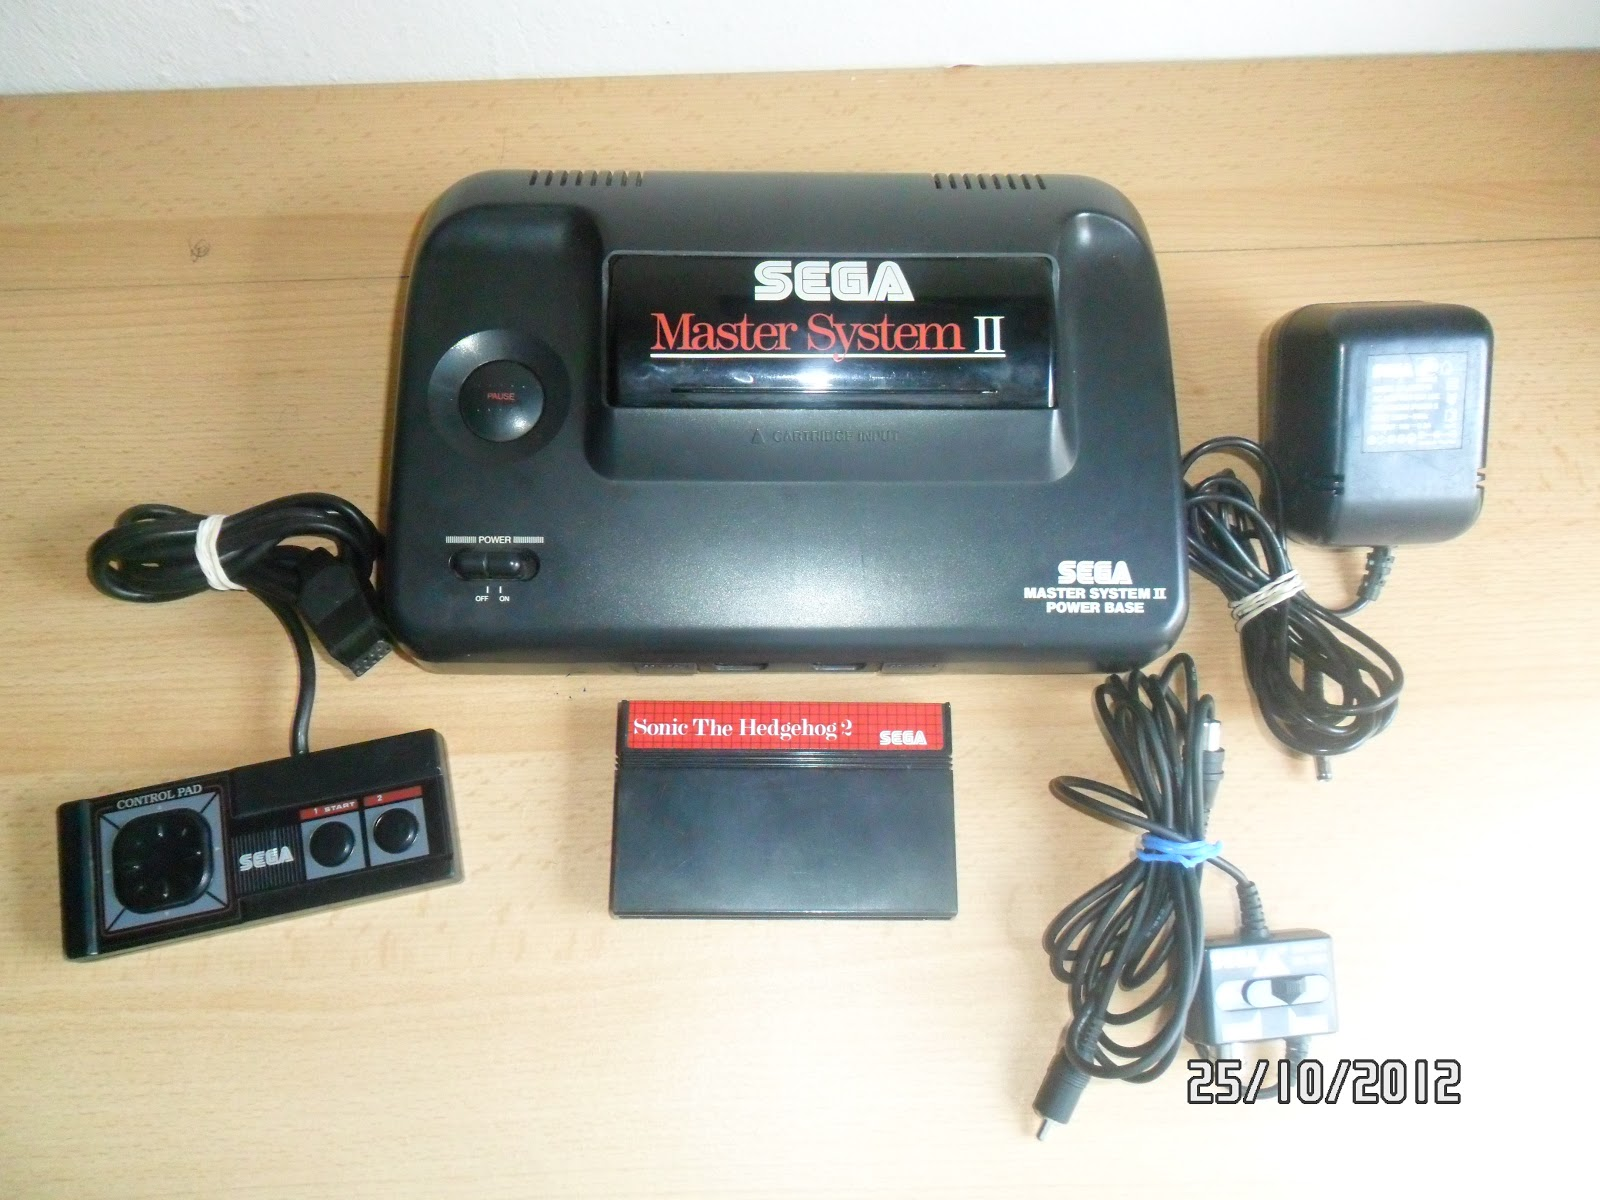 Lolailo Ocasion Vendo Cambio Compro Consola Sega Master System Ii